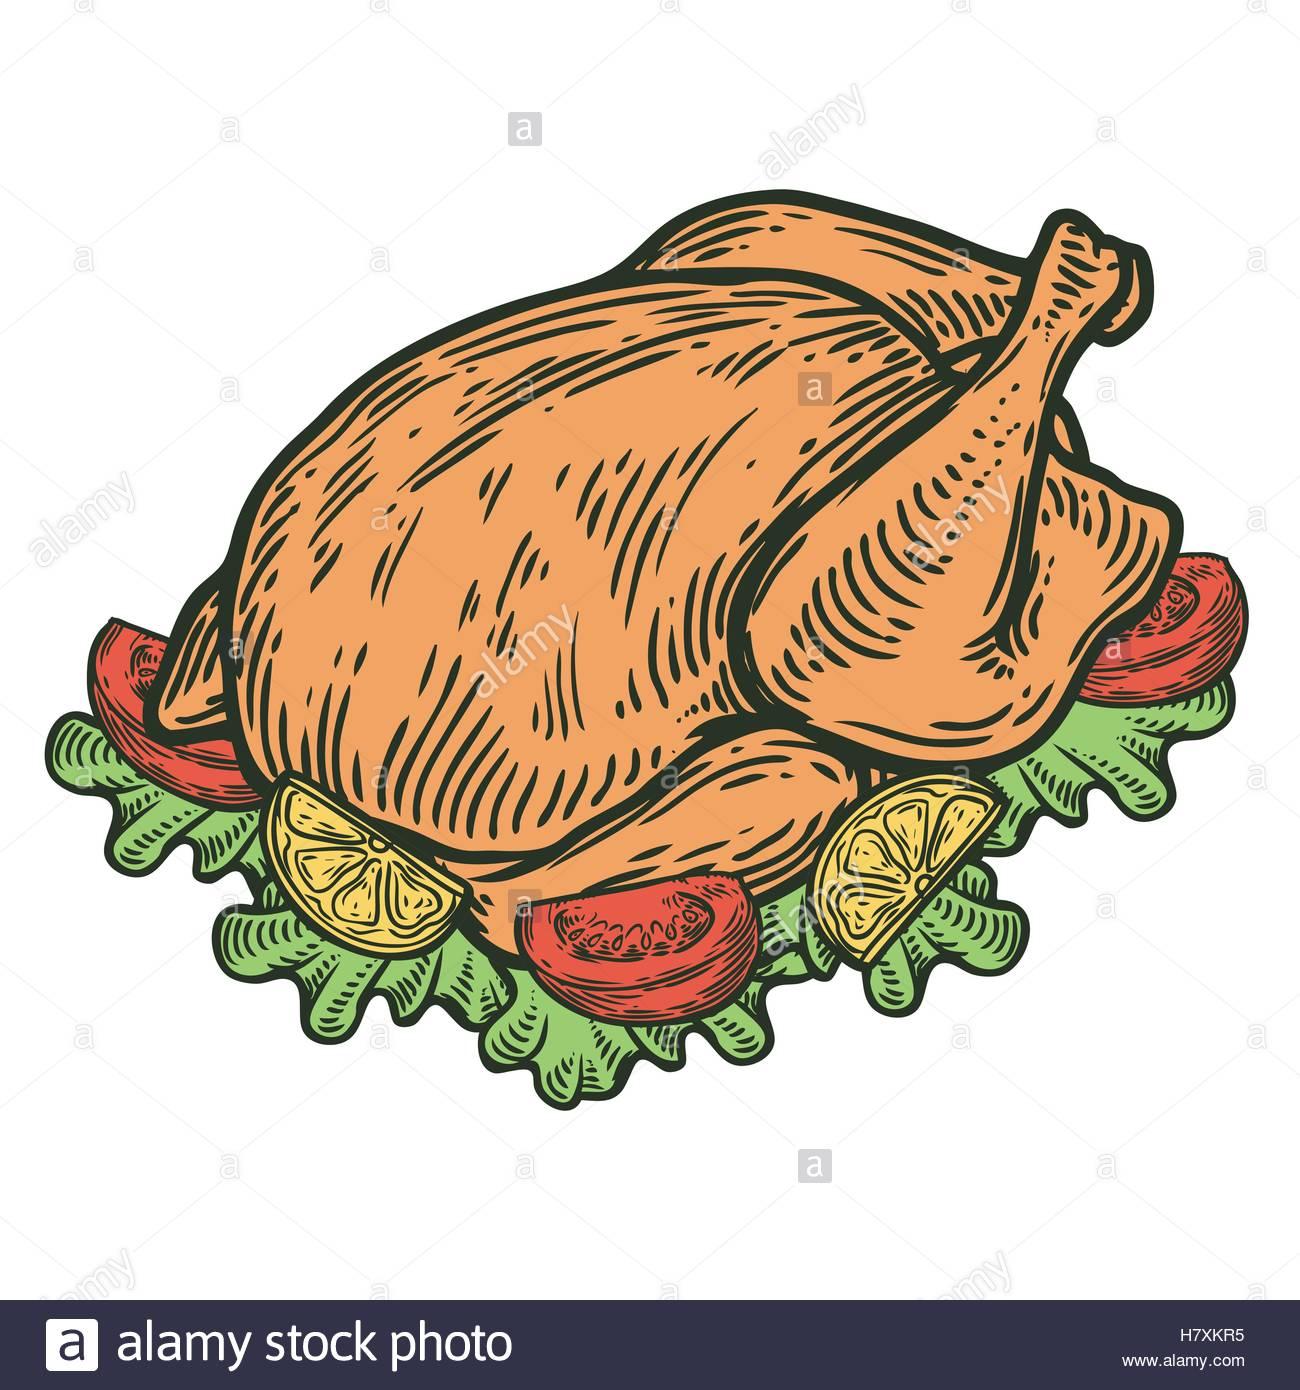 A Roasted Chicken, Vector Diagram, Roast Chiken, Chicken ...  Roast Chicken Vector